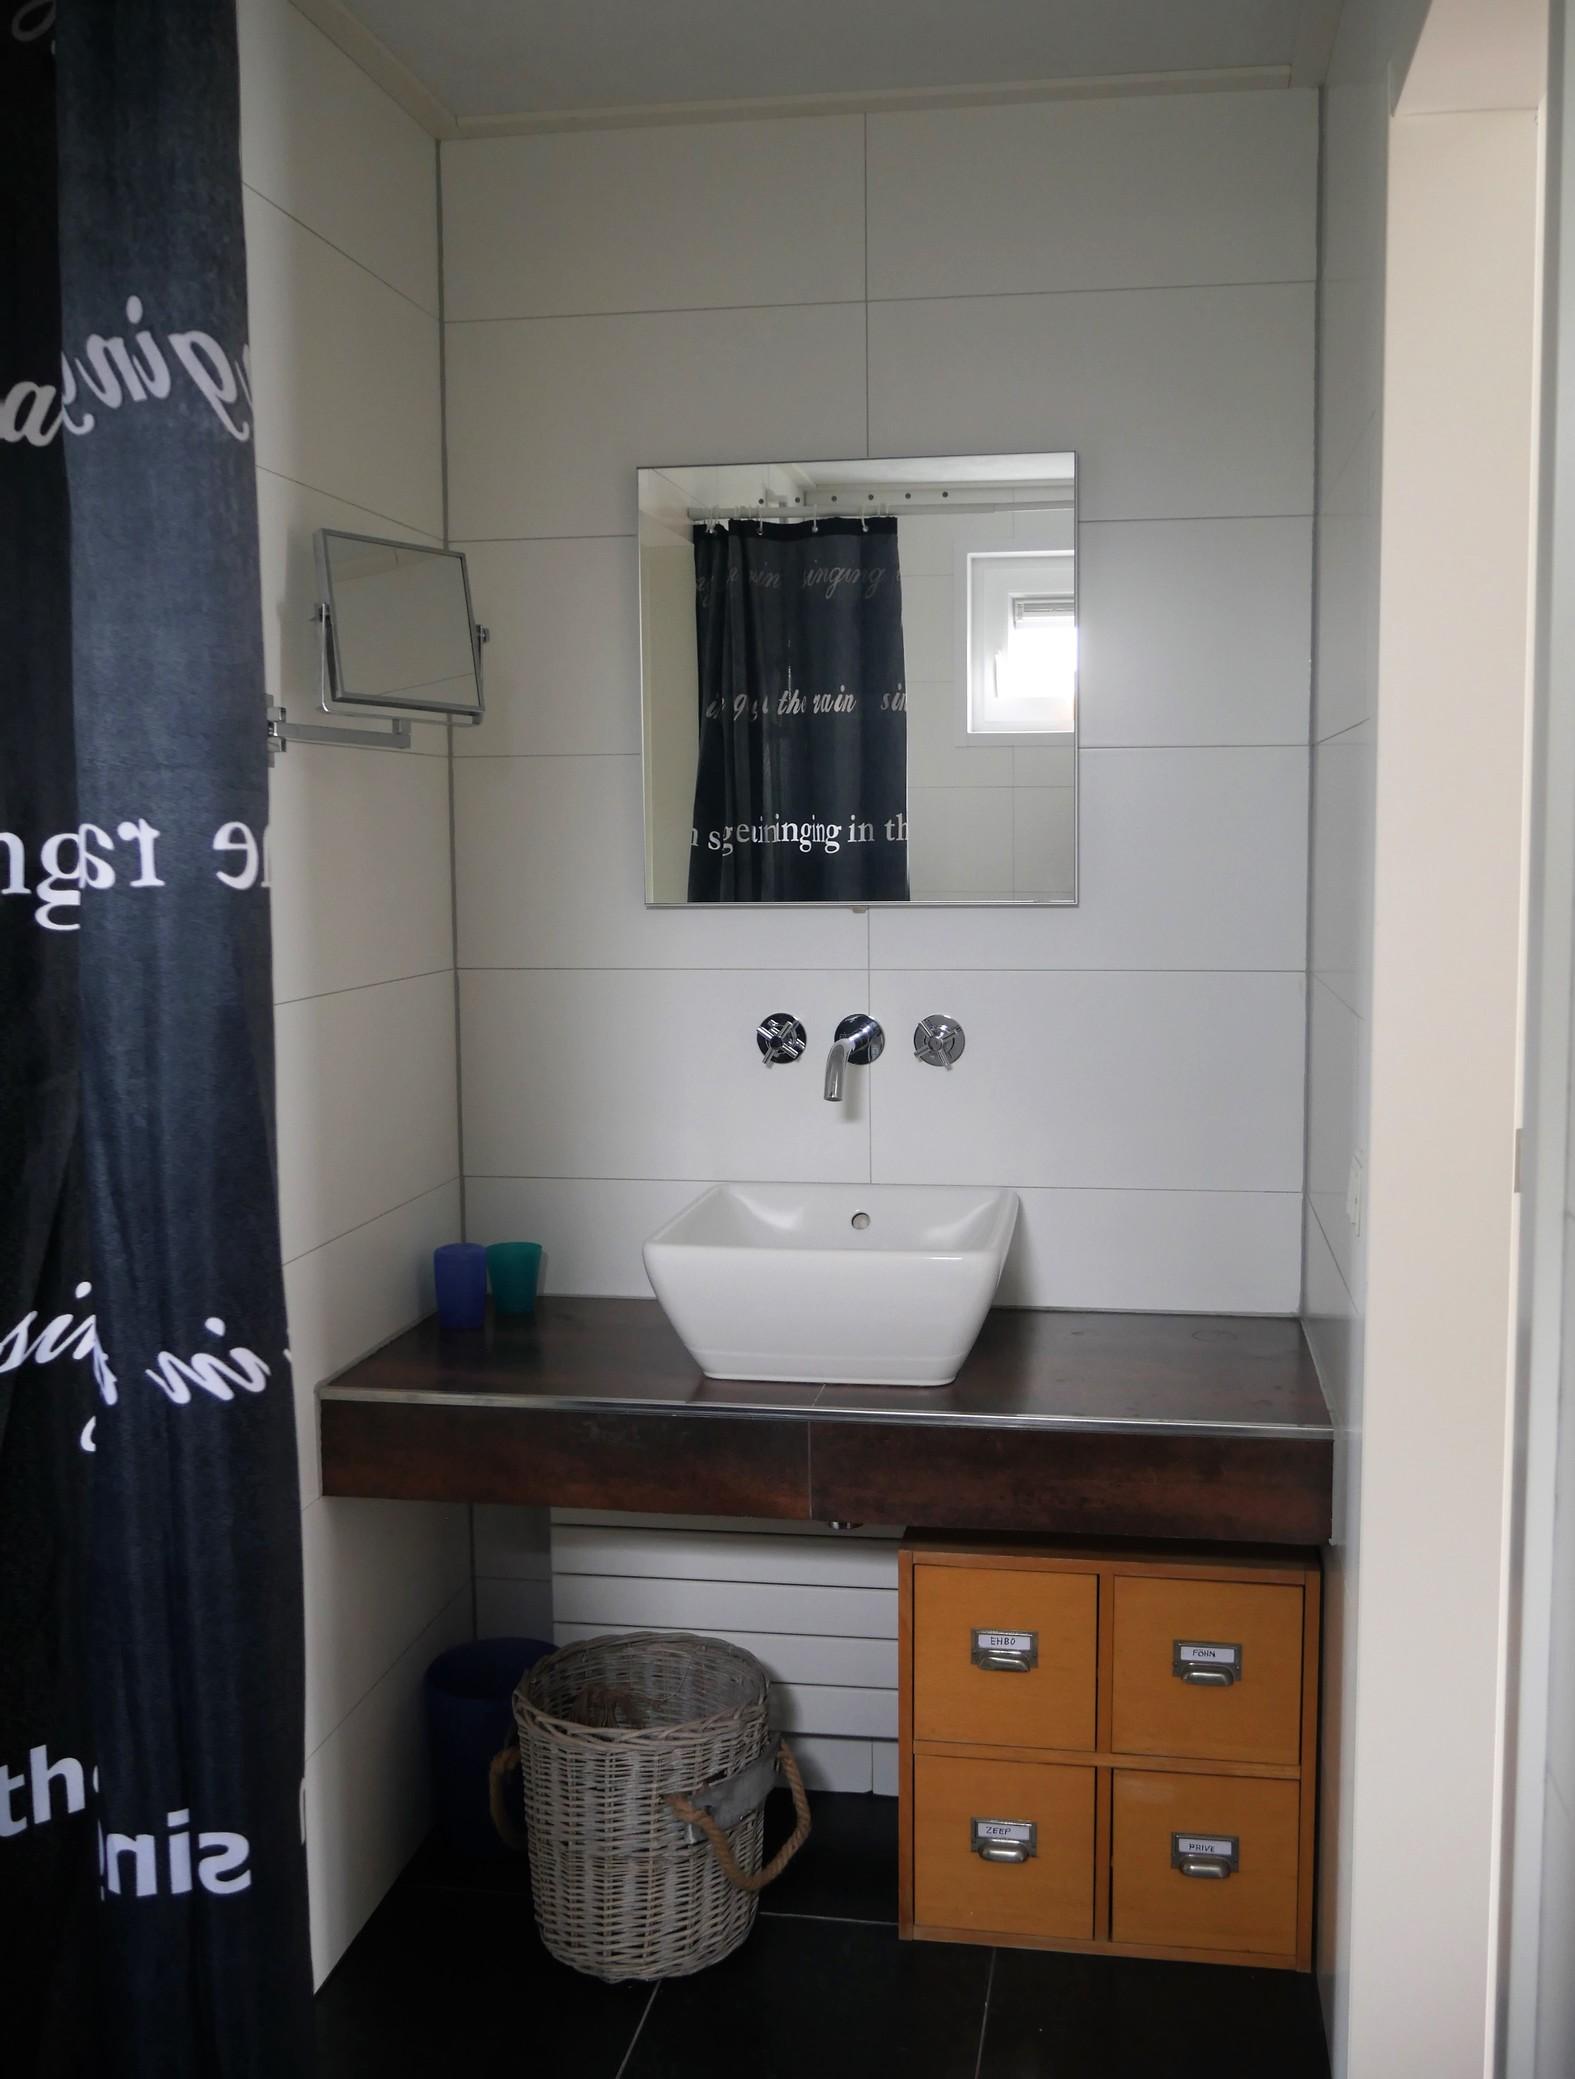 11 Oud Nieuwlandseweg, ouddorp, Nederland 3253 LL, 2 Bedrooms Bedrooms, ,1 BathroomBathrooms,Bungalow,Vakantie woning,Oud Nieuwlandseweg ,1024